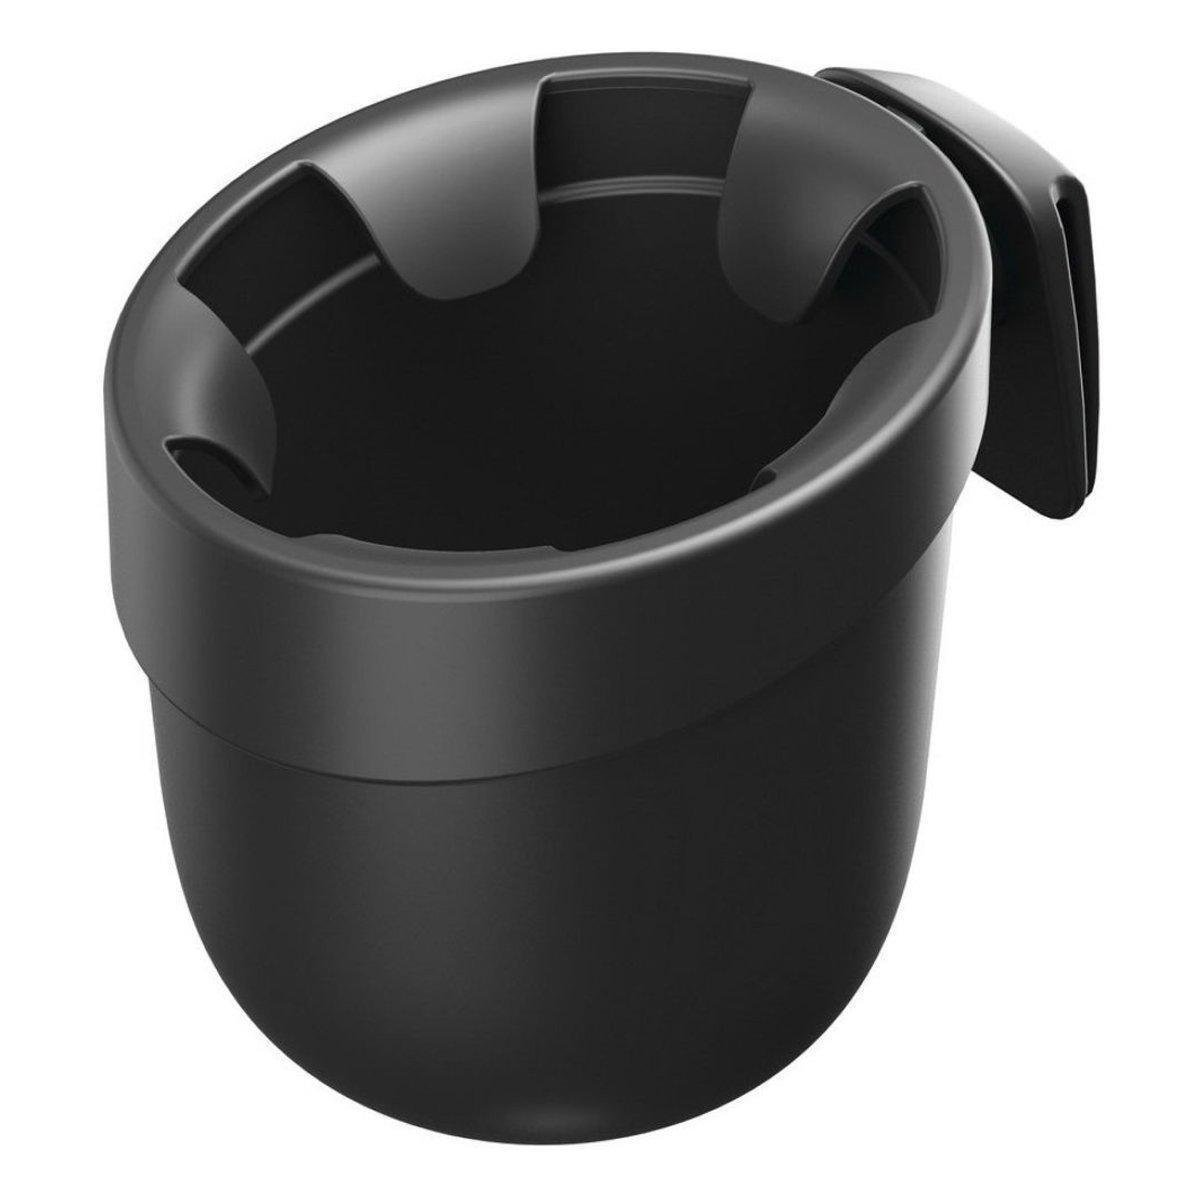 Купить Аксессуары для автокресел, Подстаканник для автокресла GB CS Black 617000066 ТМ: GB, черный